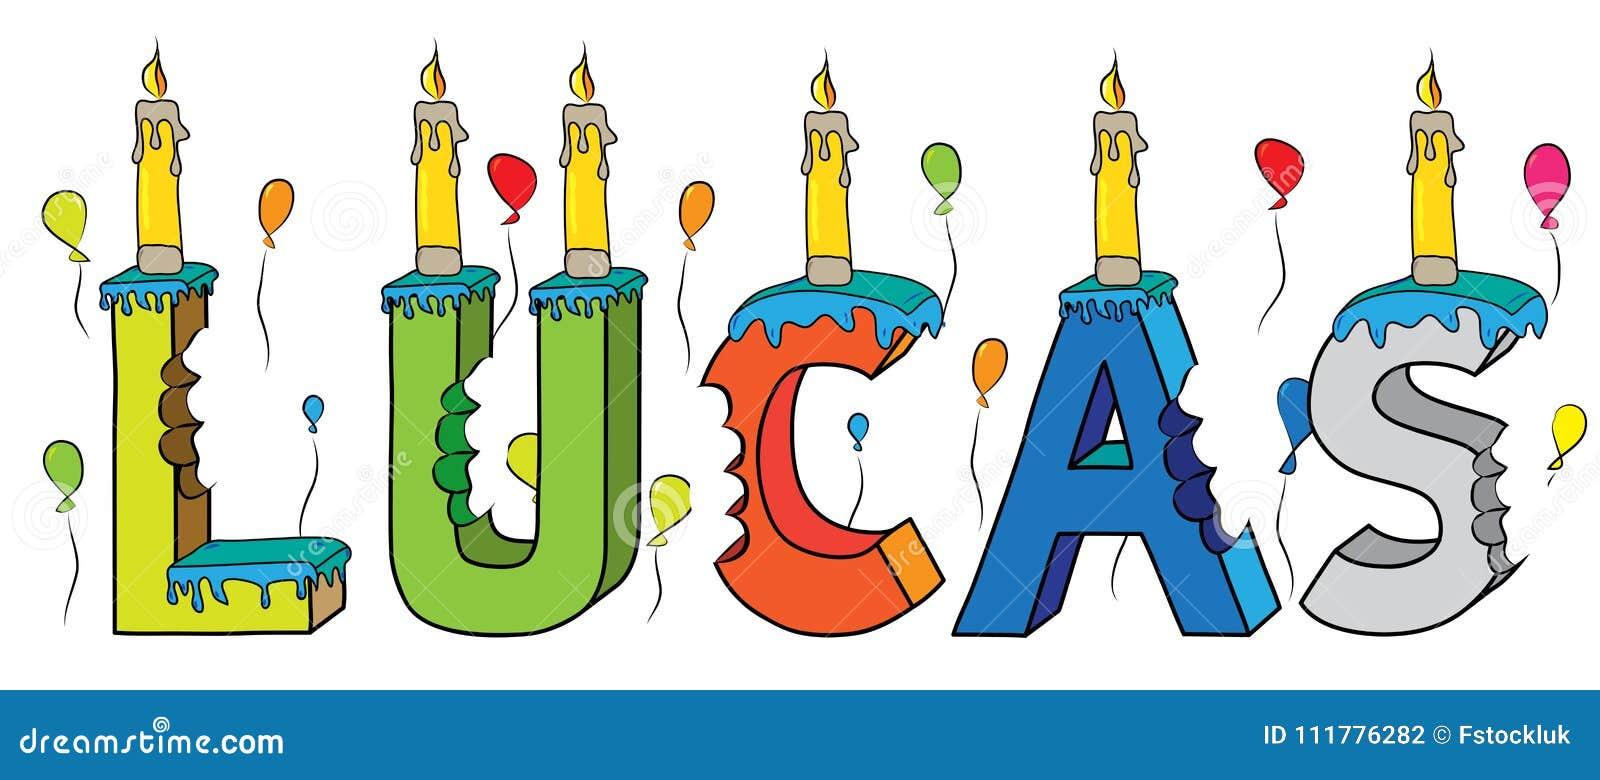 Bolo de aniversário colorido mordido da rotulação 3d de Lucas nome masculino com velas e balões